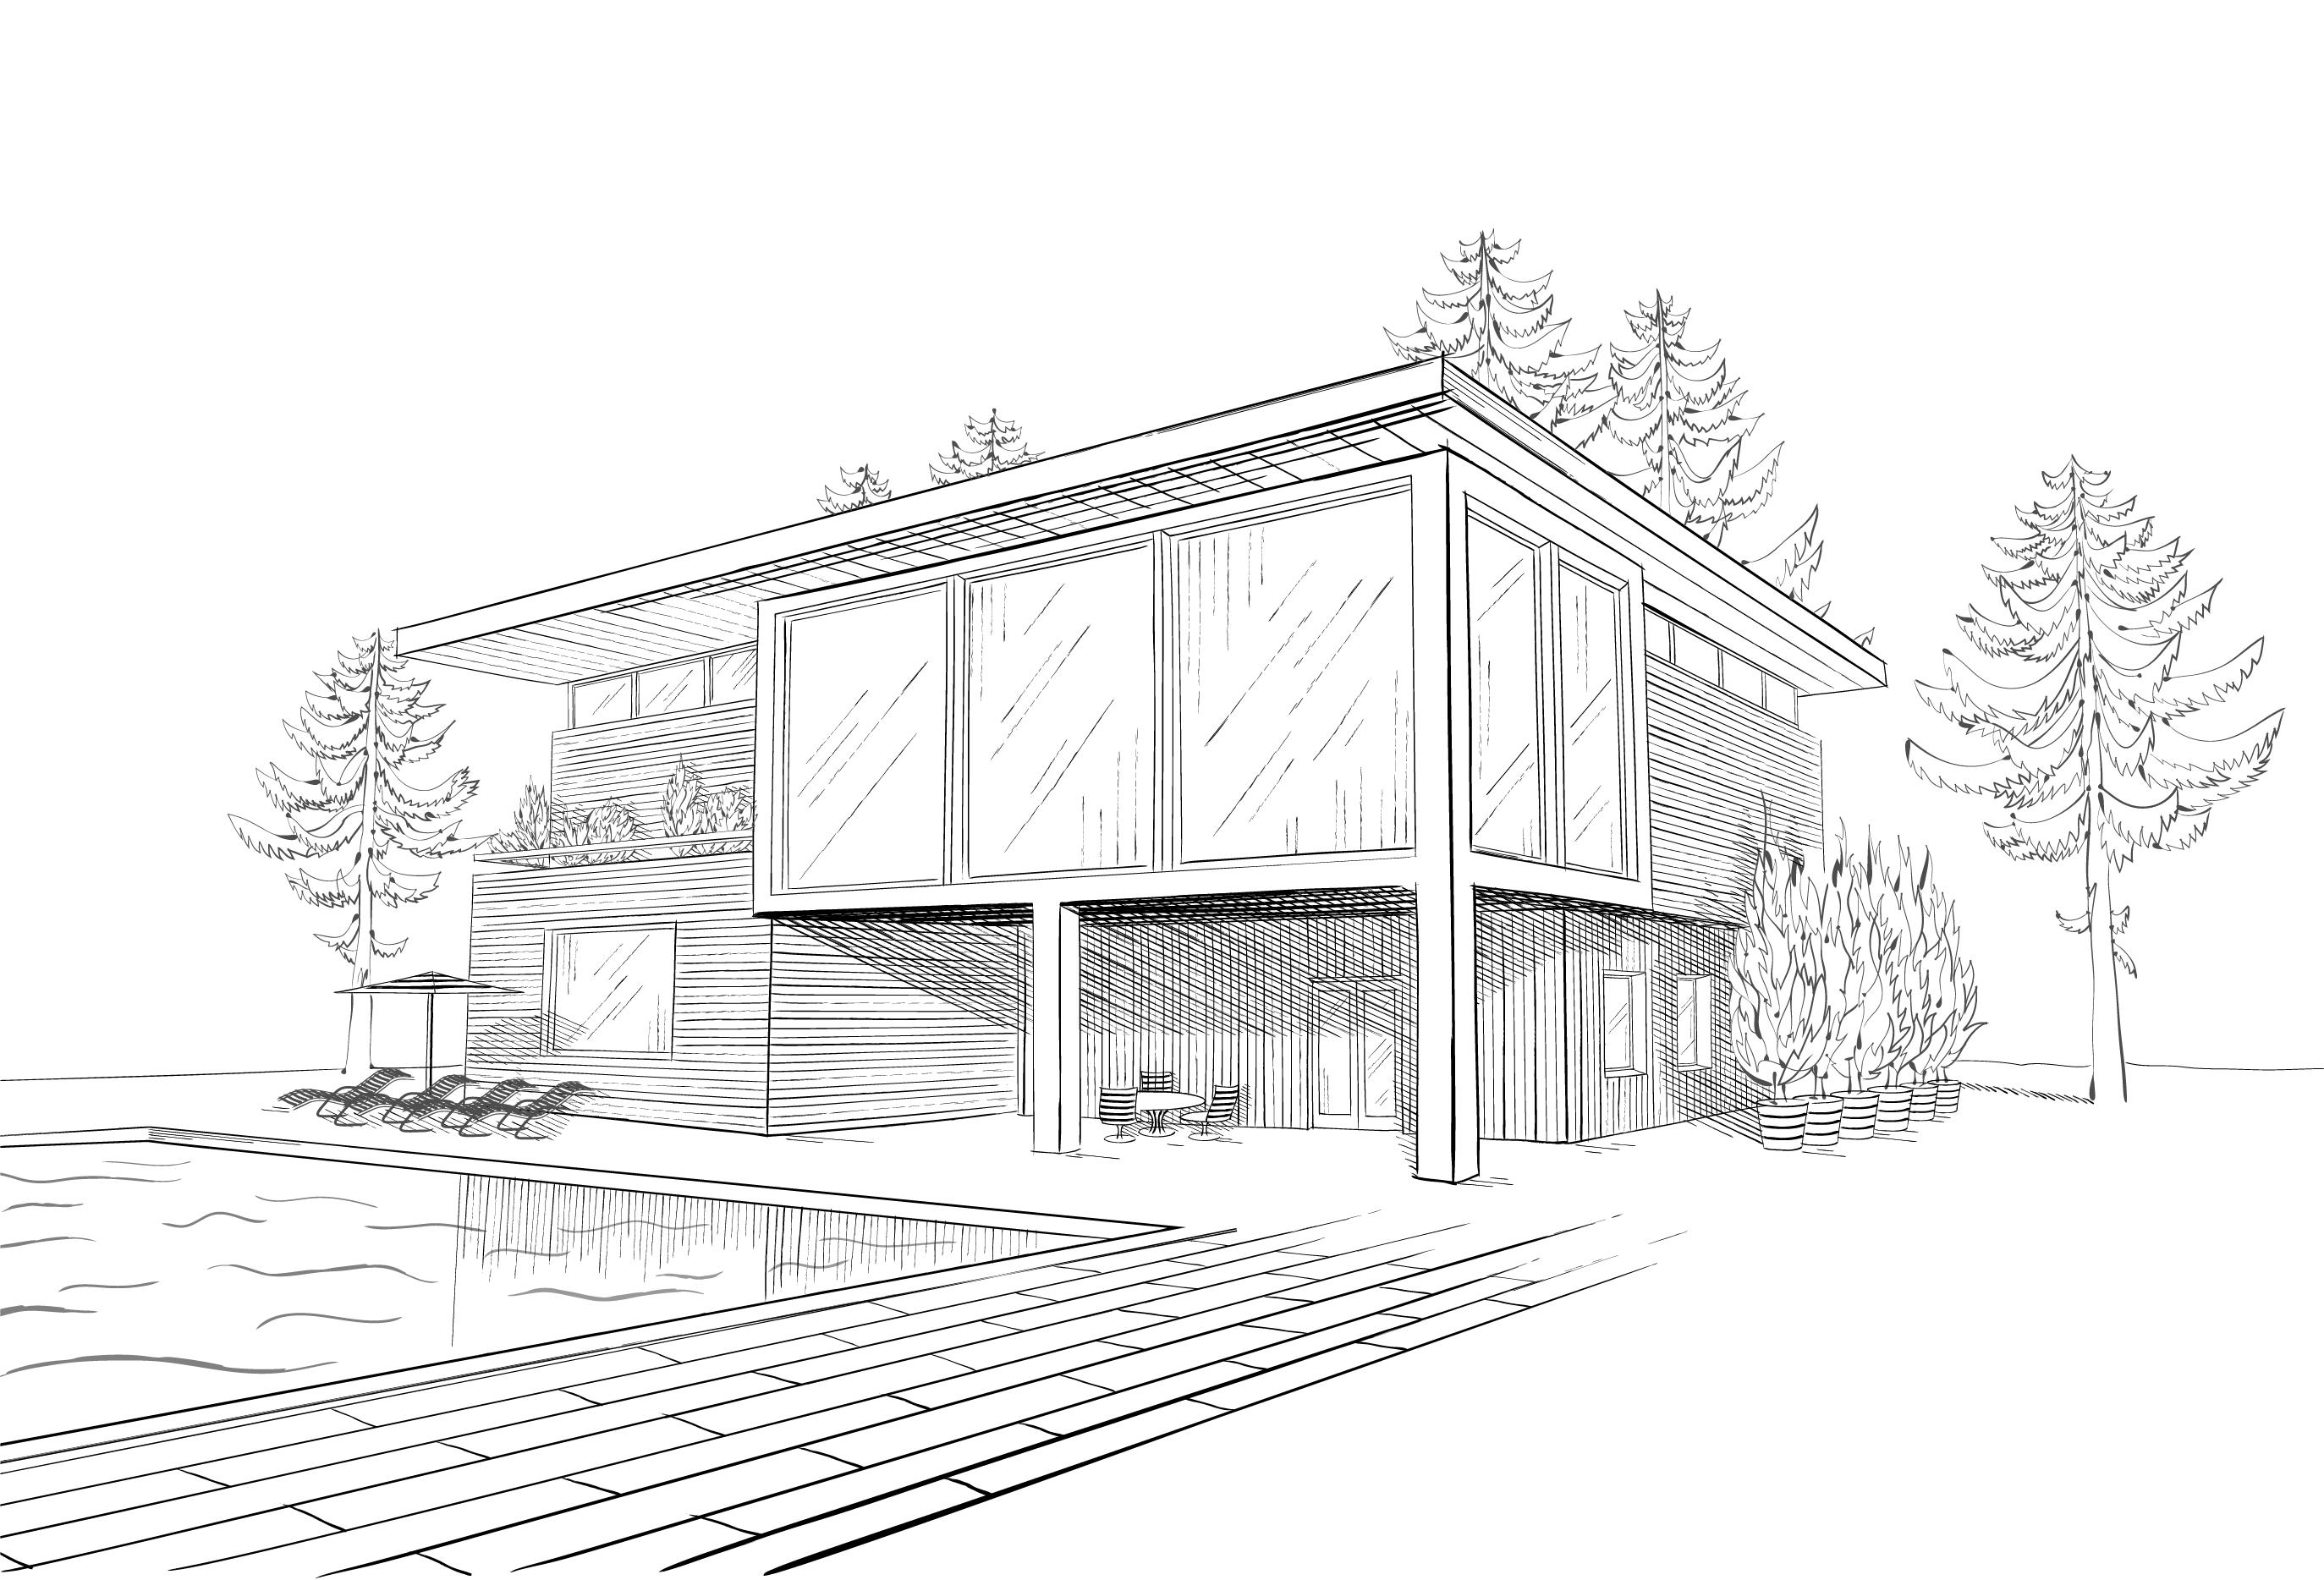 renesco der Bautenschutzprofi